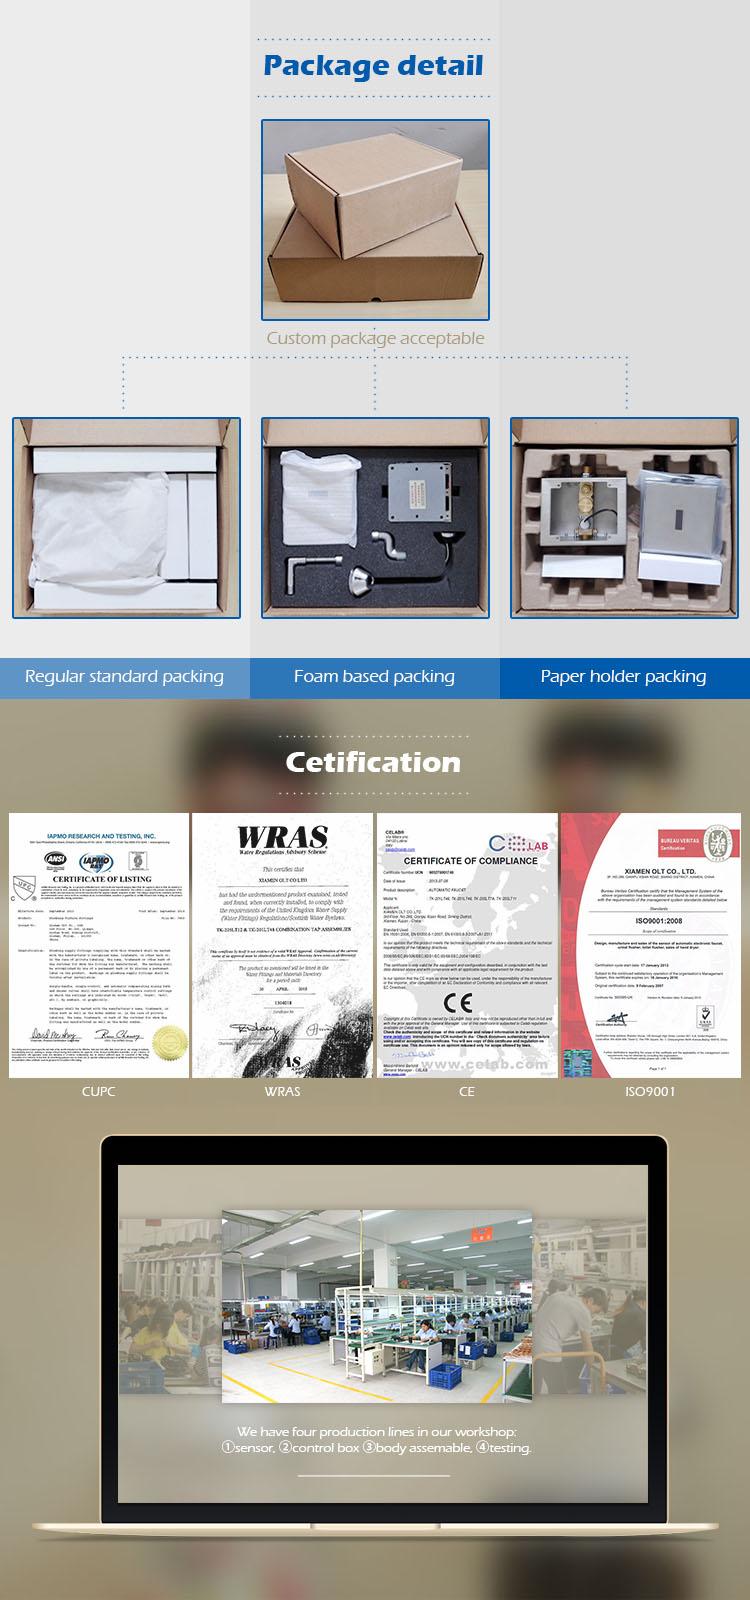 Package detail.jpg